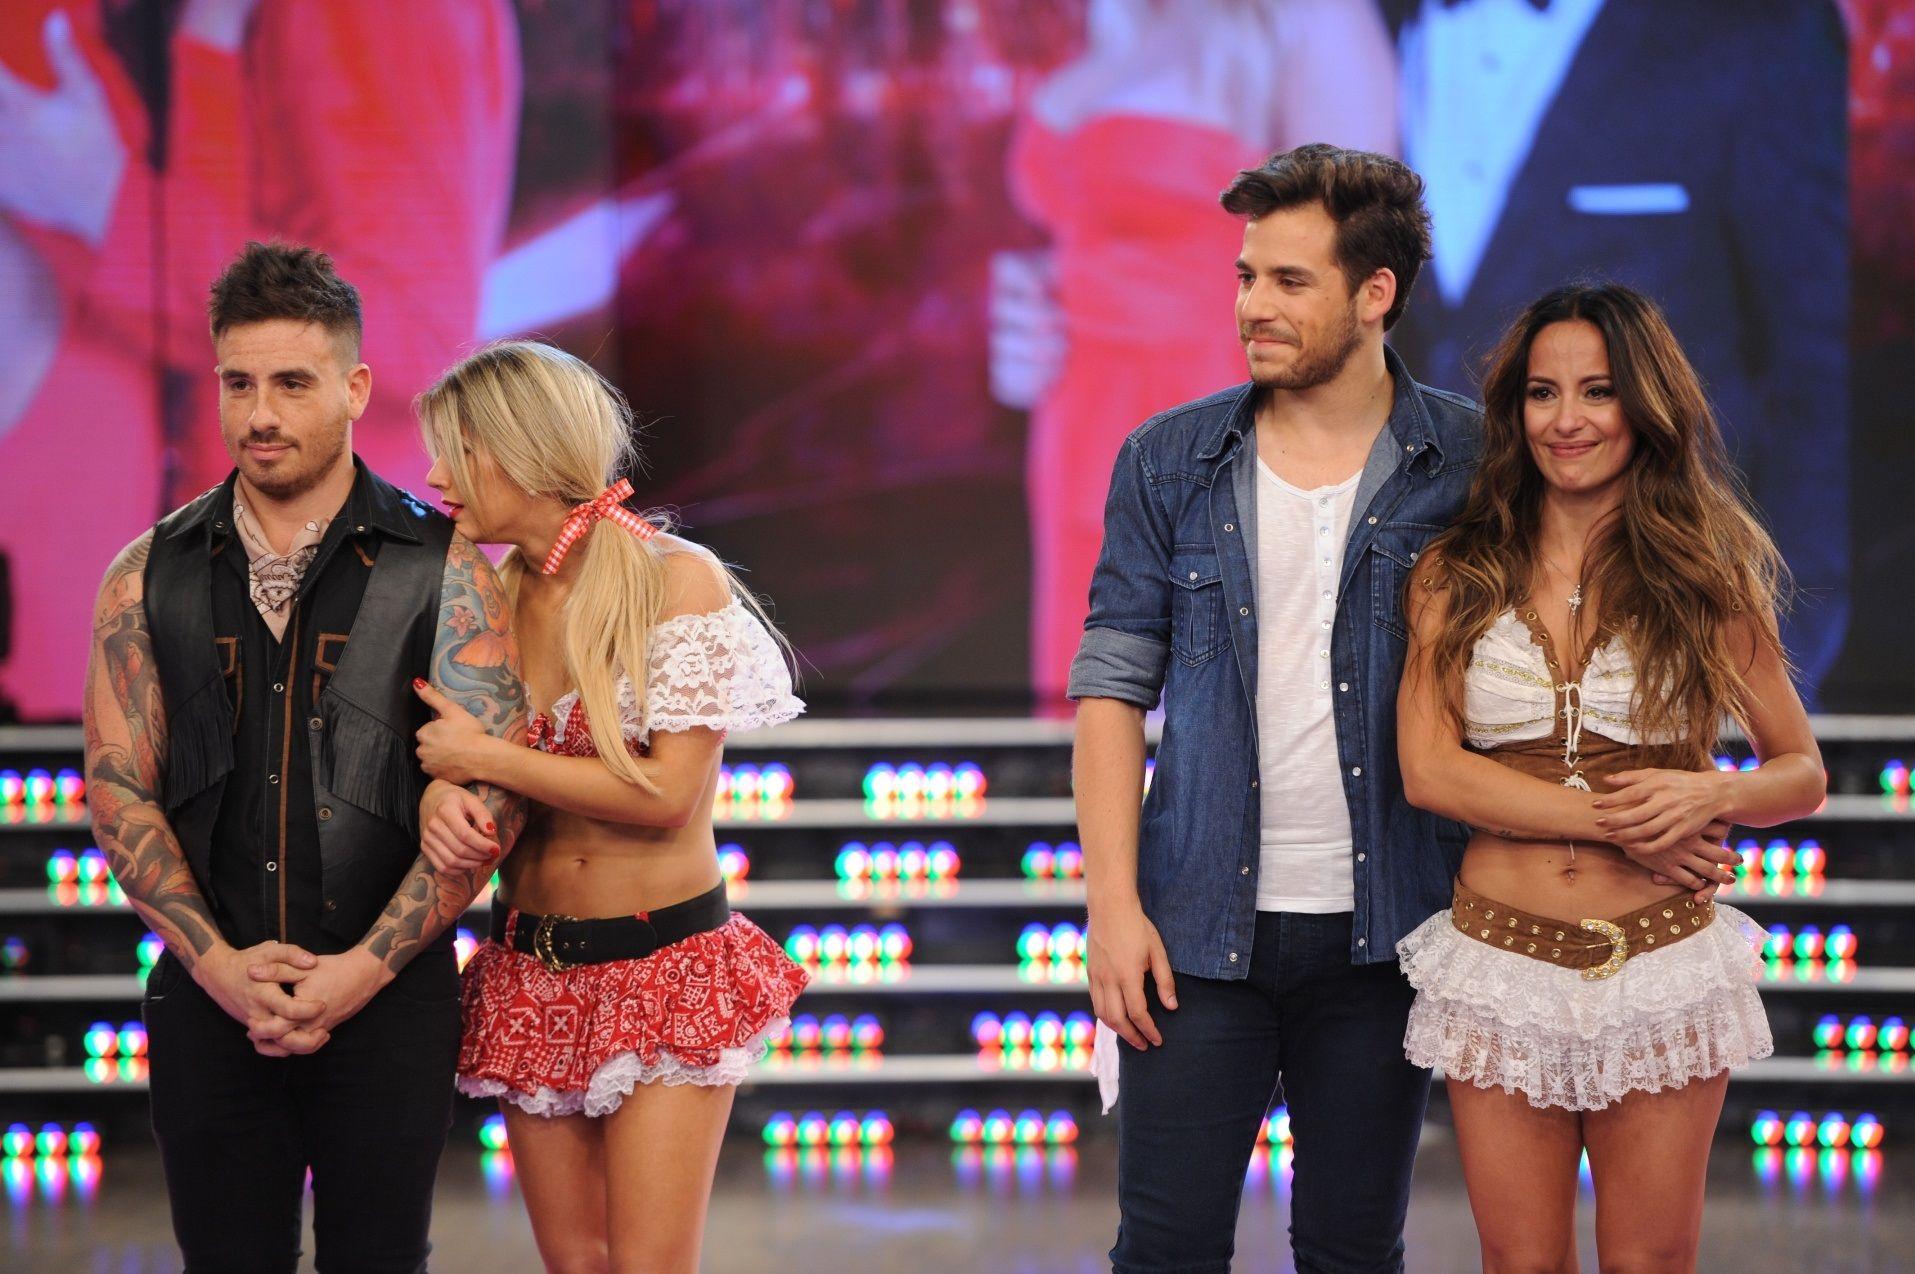 Lourdes Sánchez y Fer Dente quedaron afuera y ya están los cuatro semifinalistas